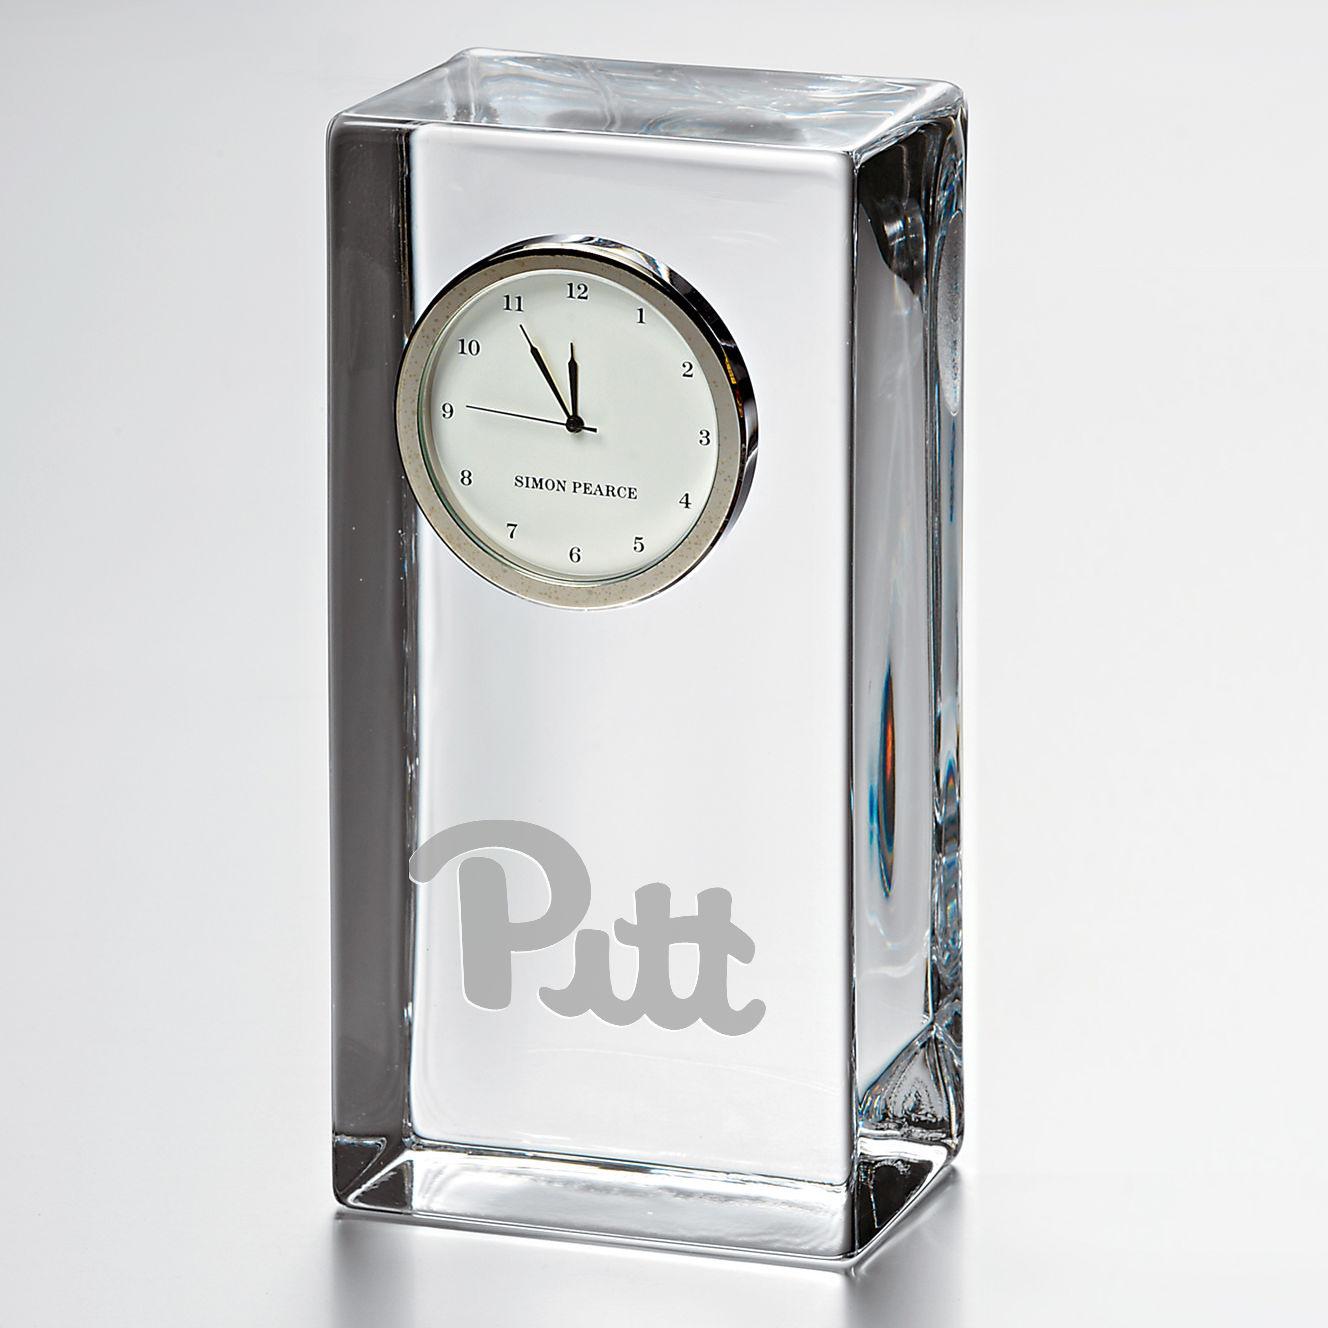 Pitt Tall Class Desk Clock by Simon Pearce